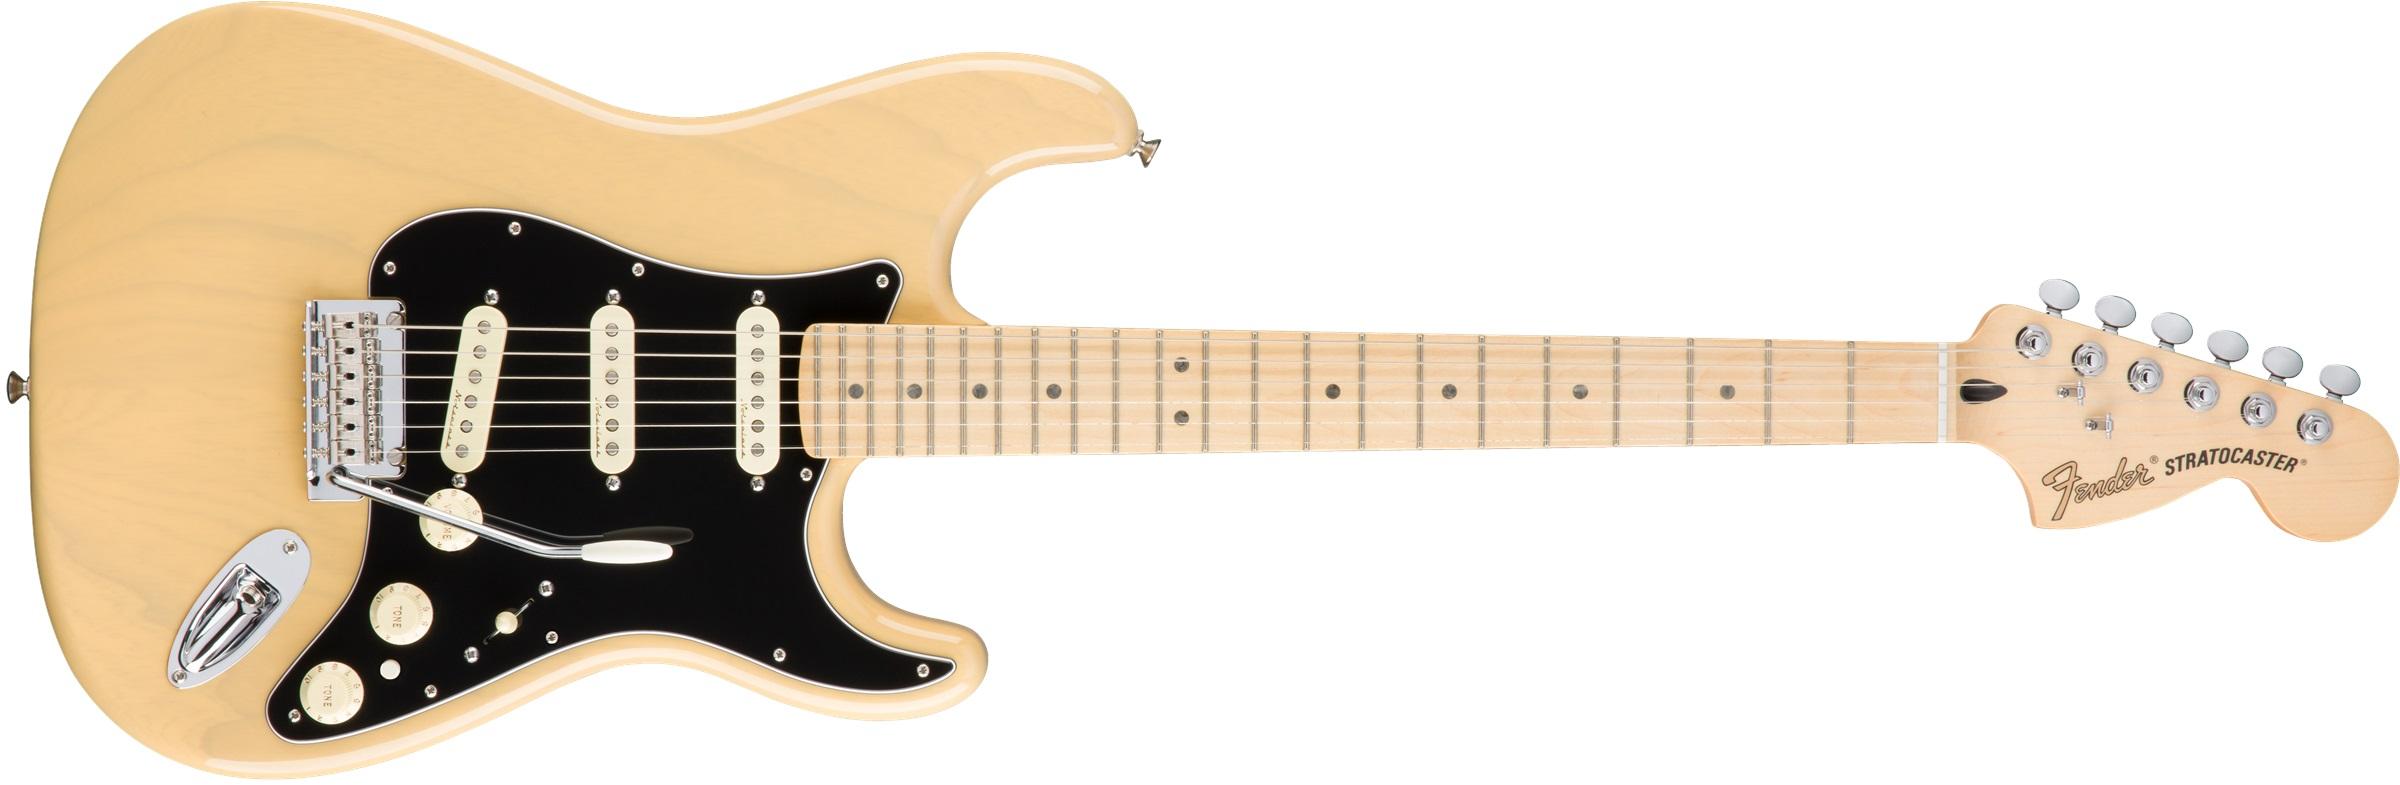 Fender Deluxe Stratocaster MN VBL